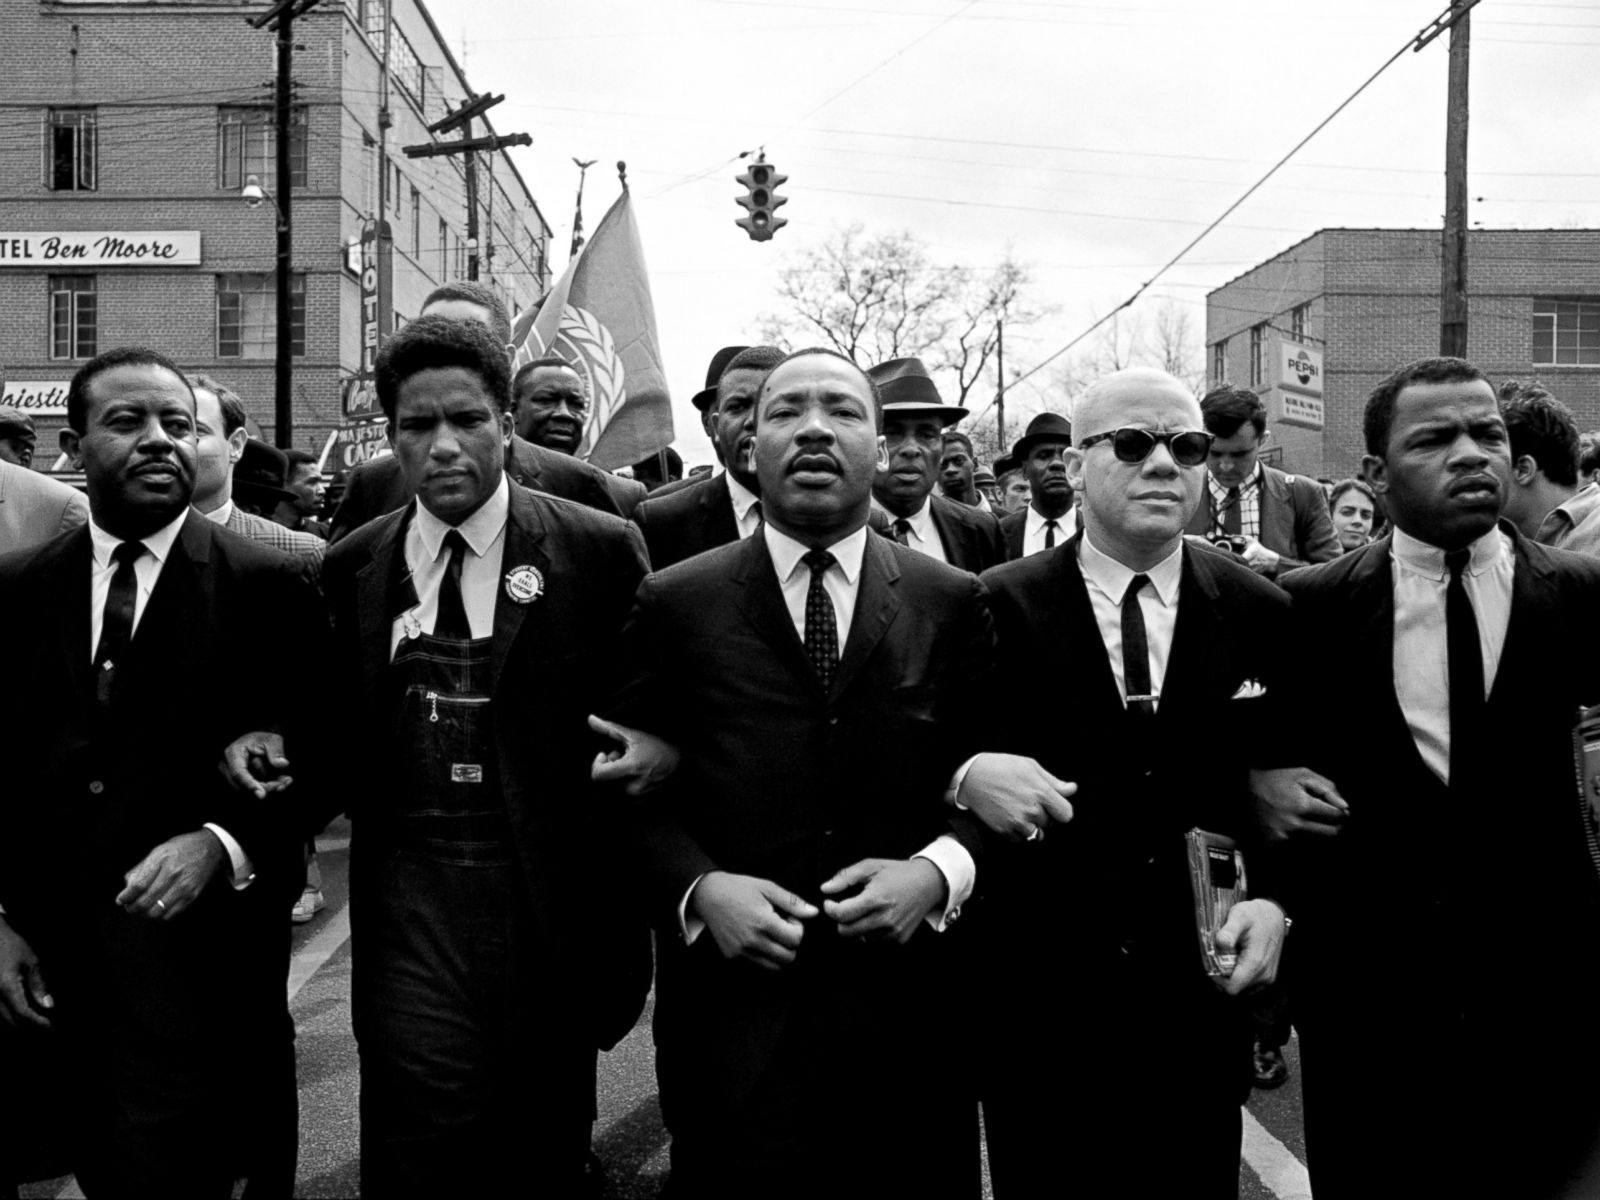 Μάρτιν Λούθερ Κινγκ - Έχω ένα όνειρο